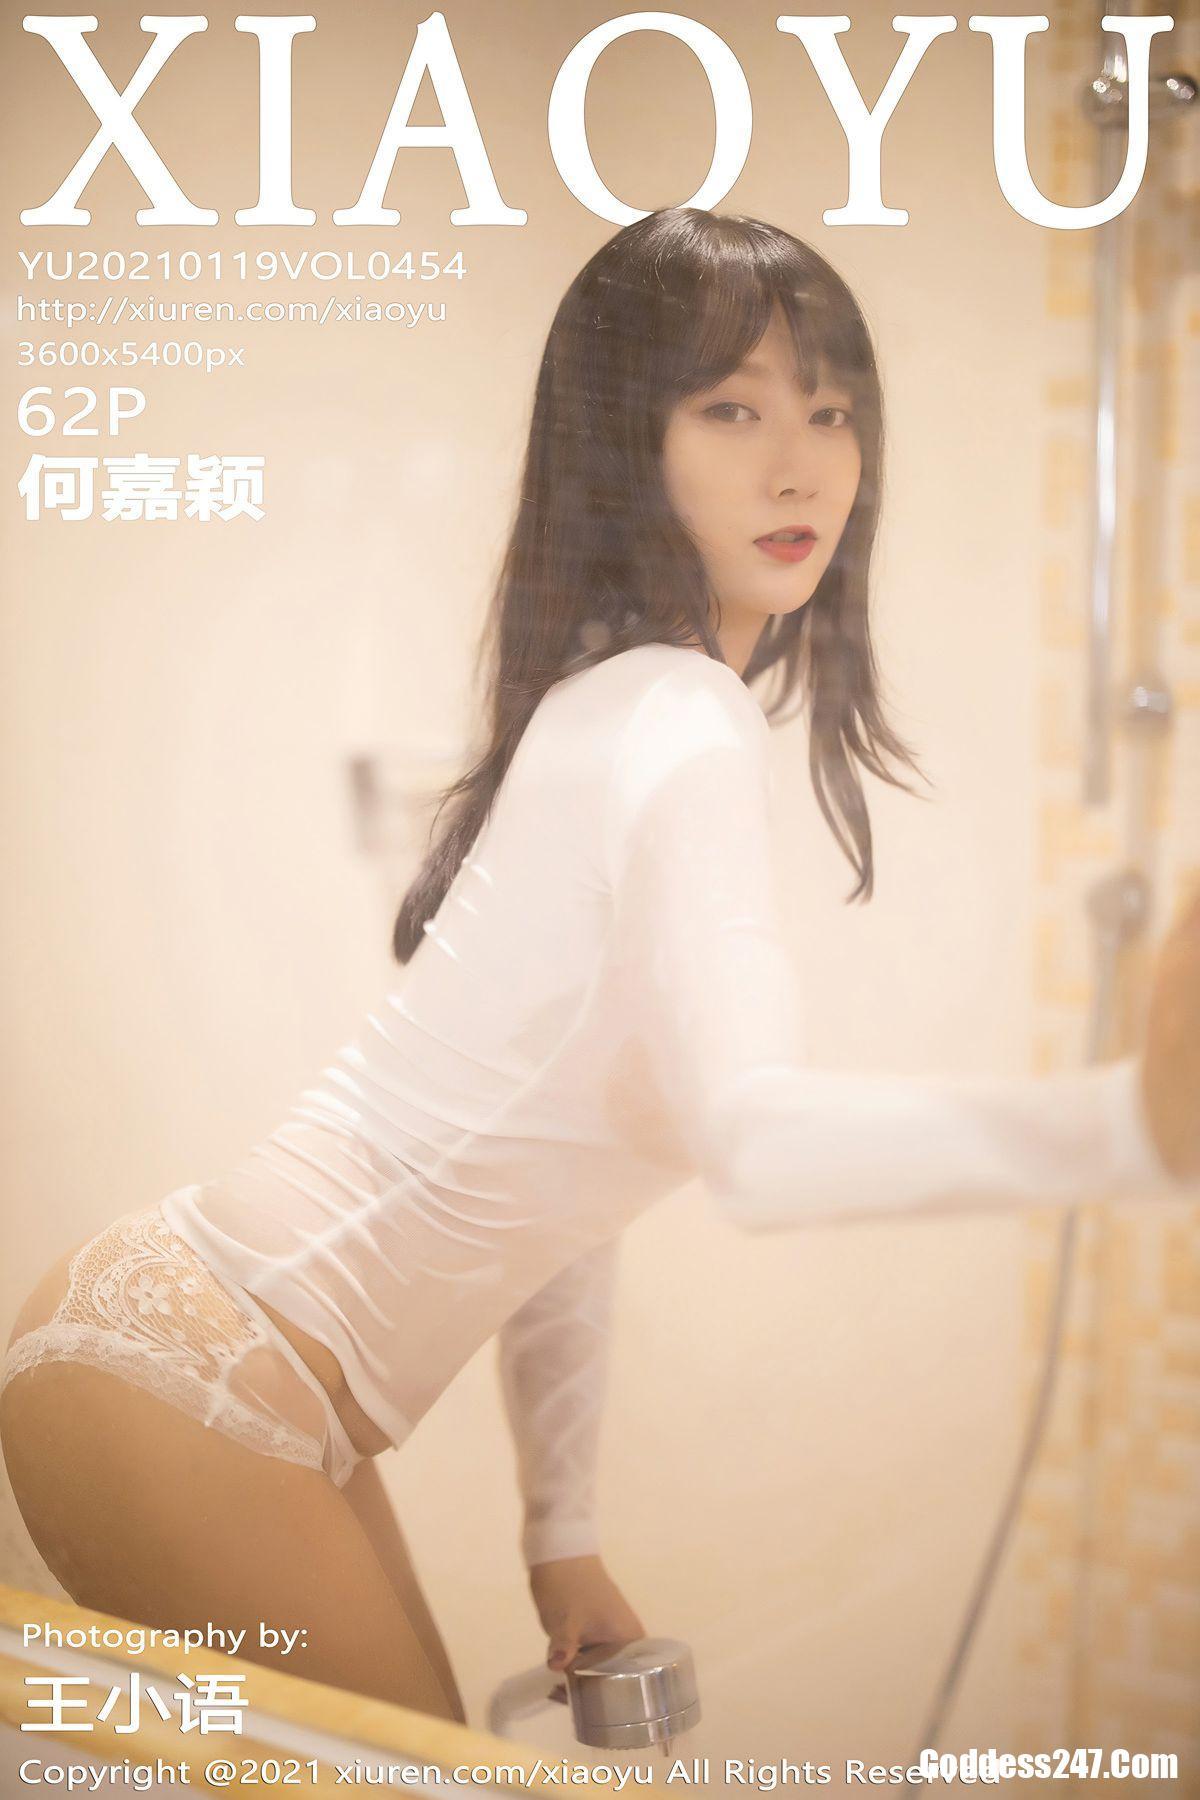 XiaoYu语画界 No.454 何嘉颖